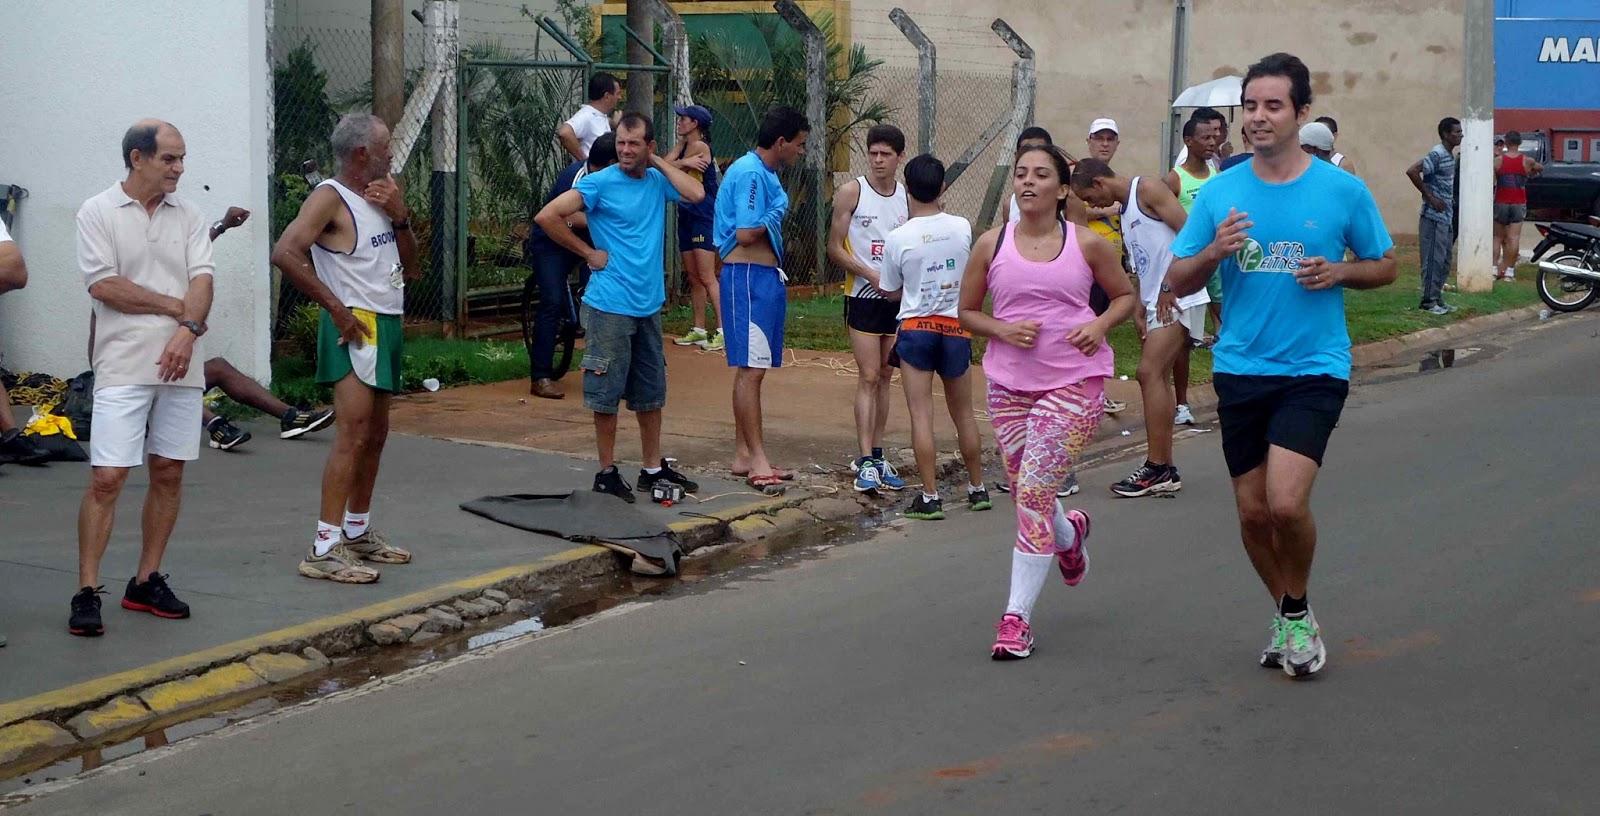 Foto 181 da 1ª Corrida Av. dos Coqueiros em Barretos-SP 14/04/2013 – Atletas cruzando a linha de chegada